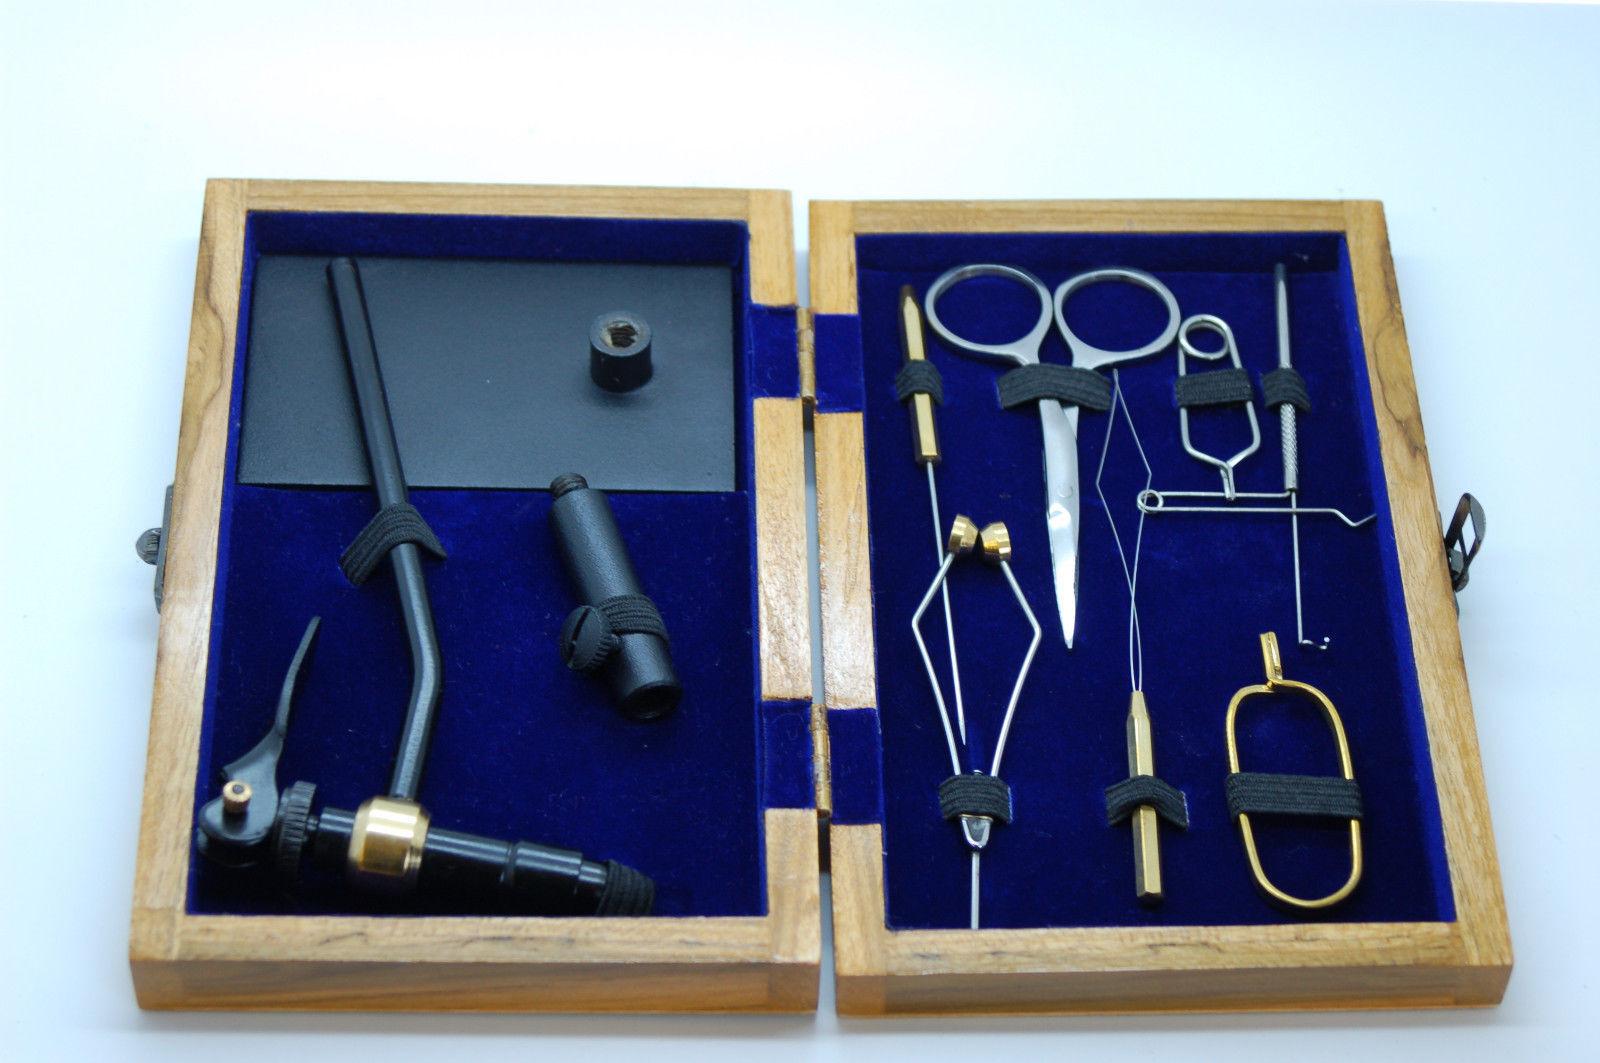 Kit de Montaje de Moscas con Tornillo, Enhebrador de Bobina en Caja de Madera